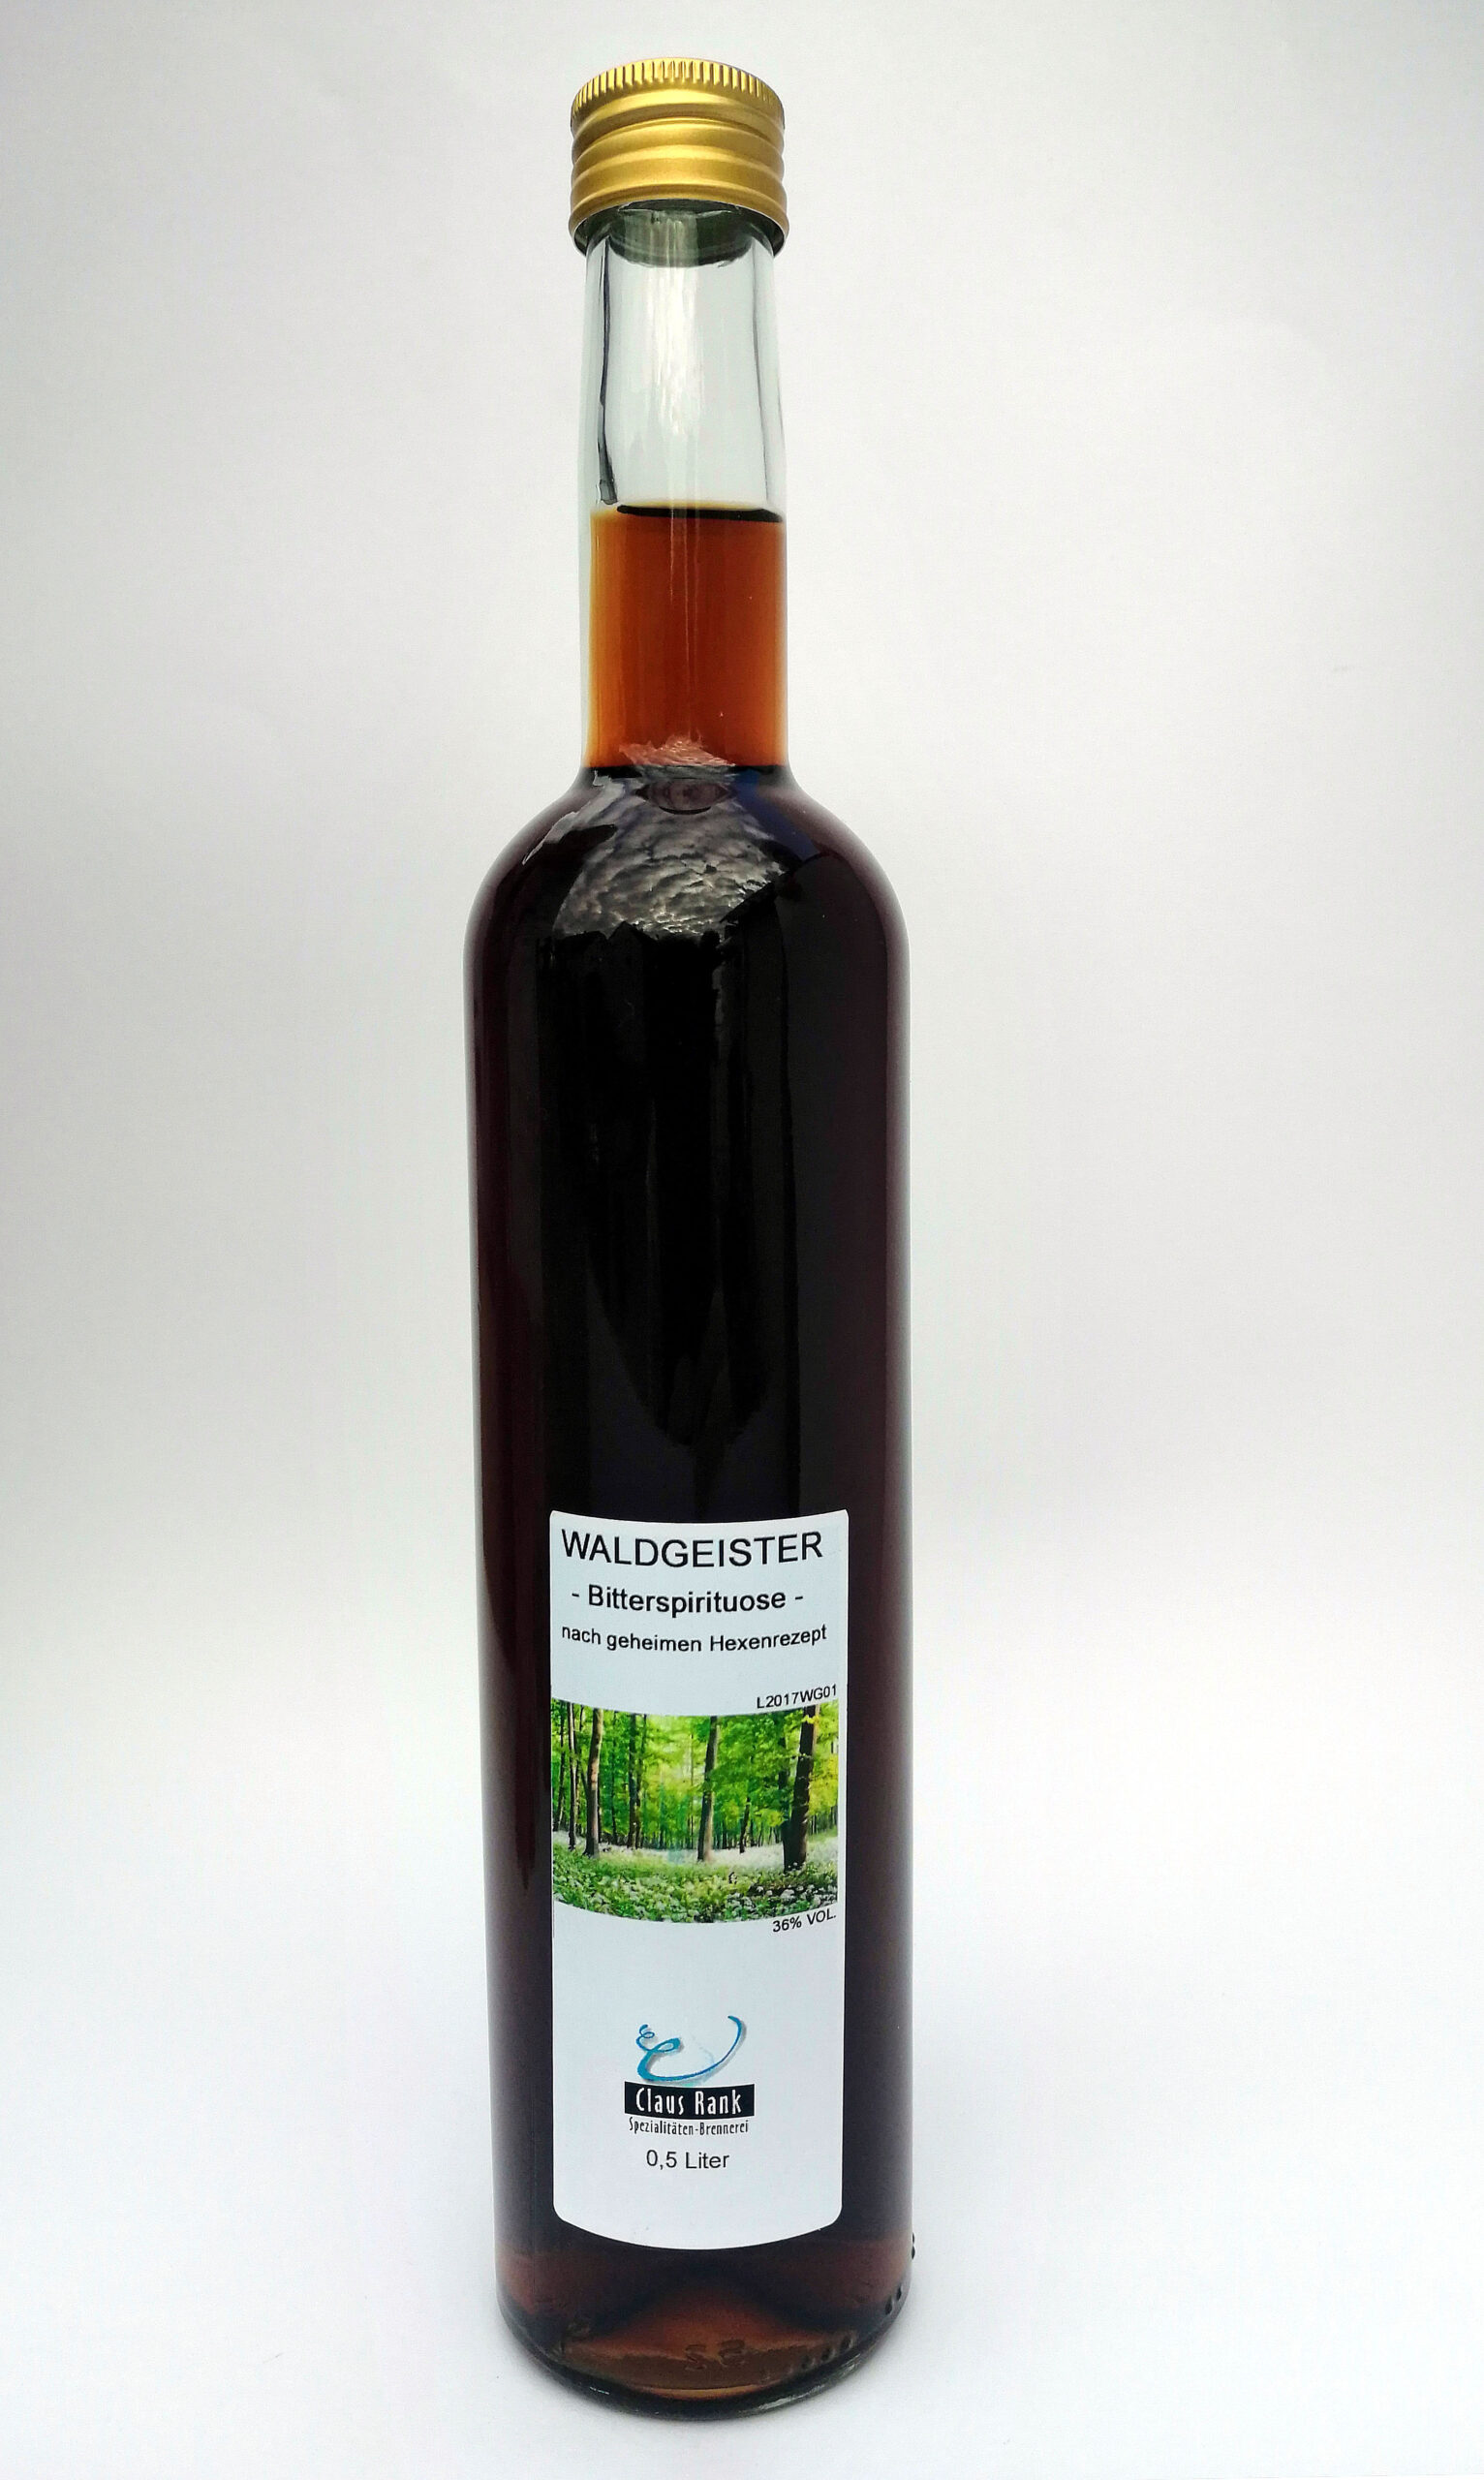 Waldgeister, 0,5 Liter